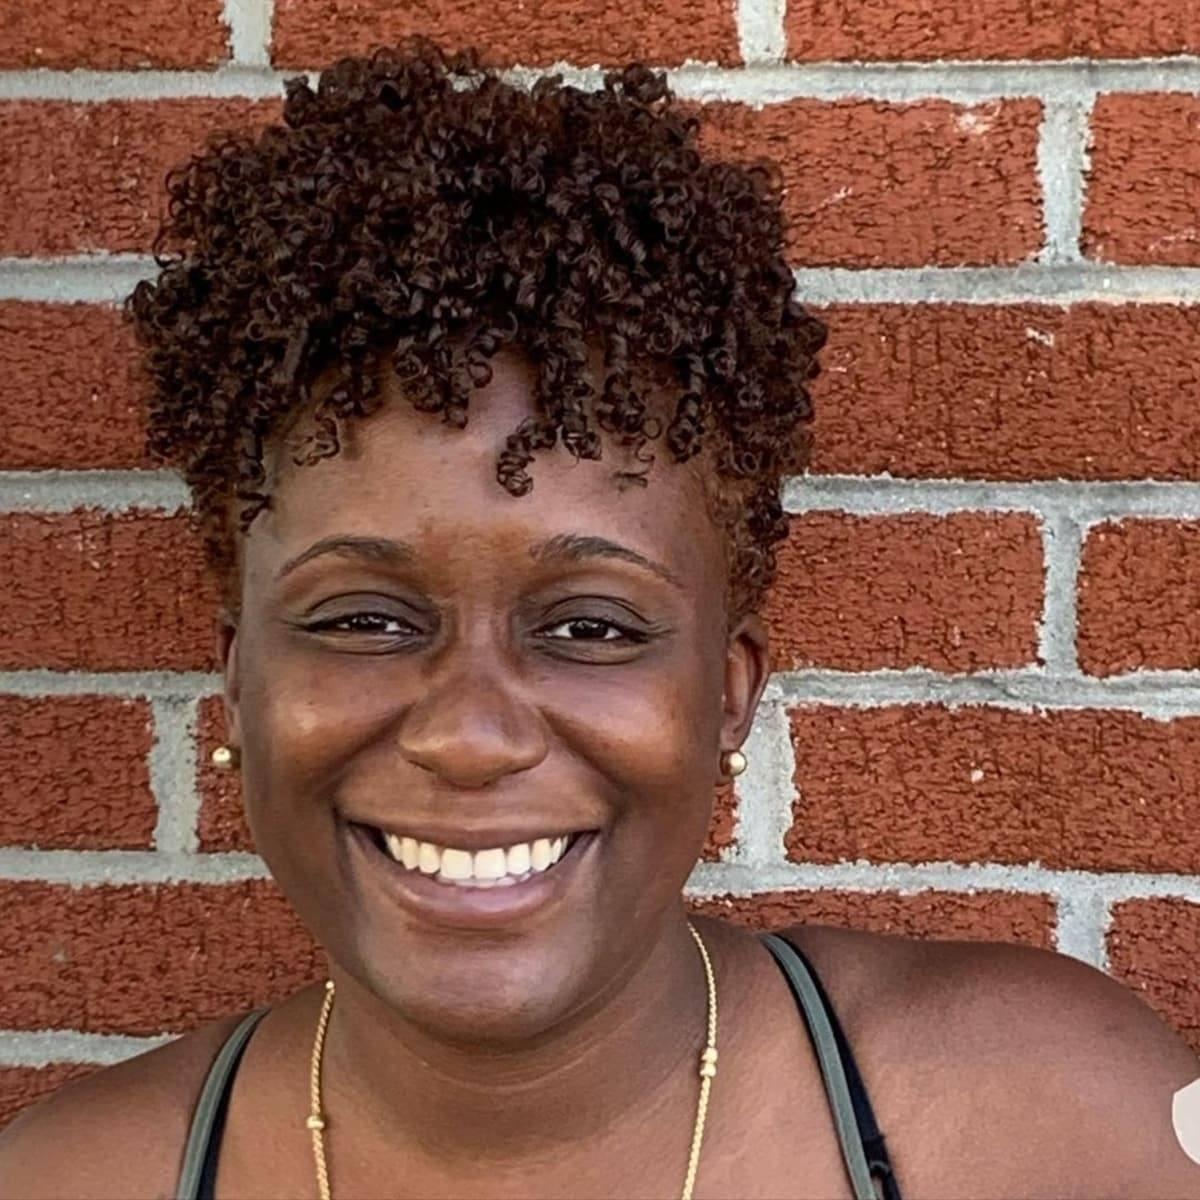 Peinado corto de torsión natural para mujer de 50 años.